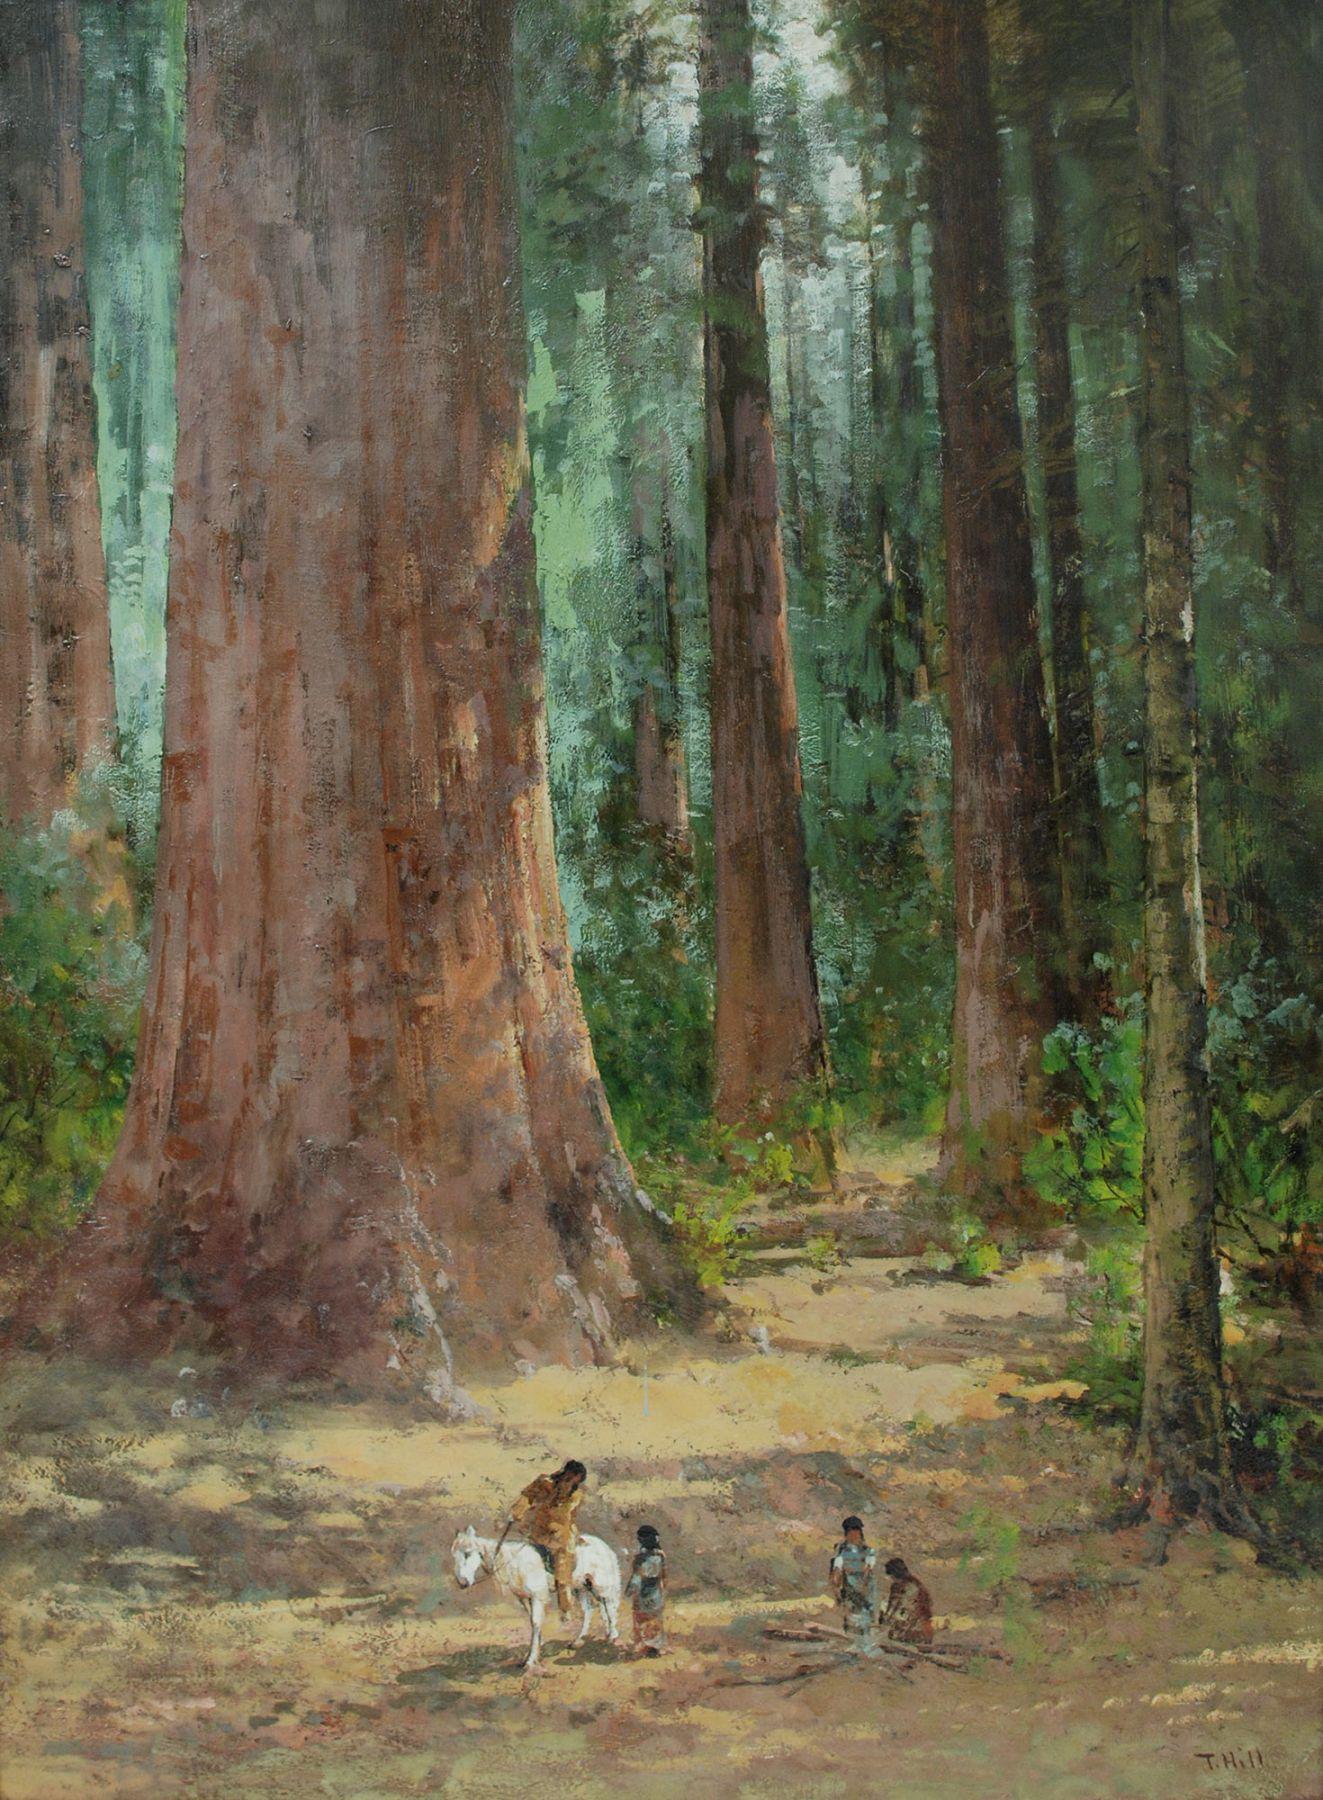 THOMAS HILL (1829-1908), Indian on Horseback Amongst Sequoias